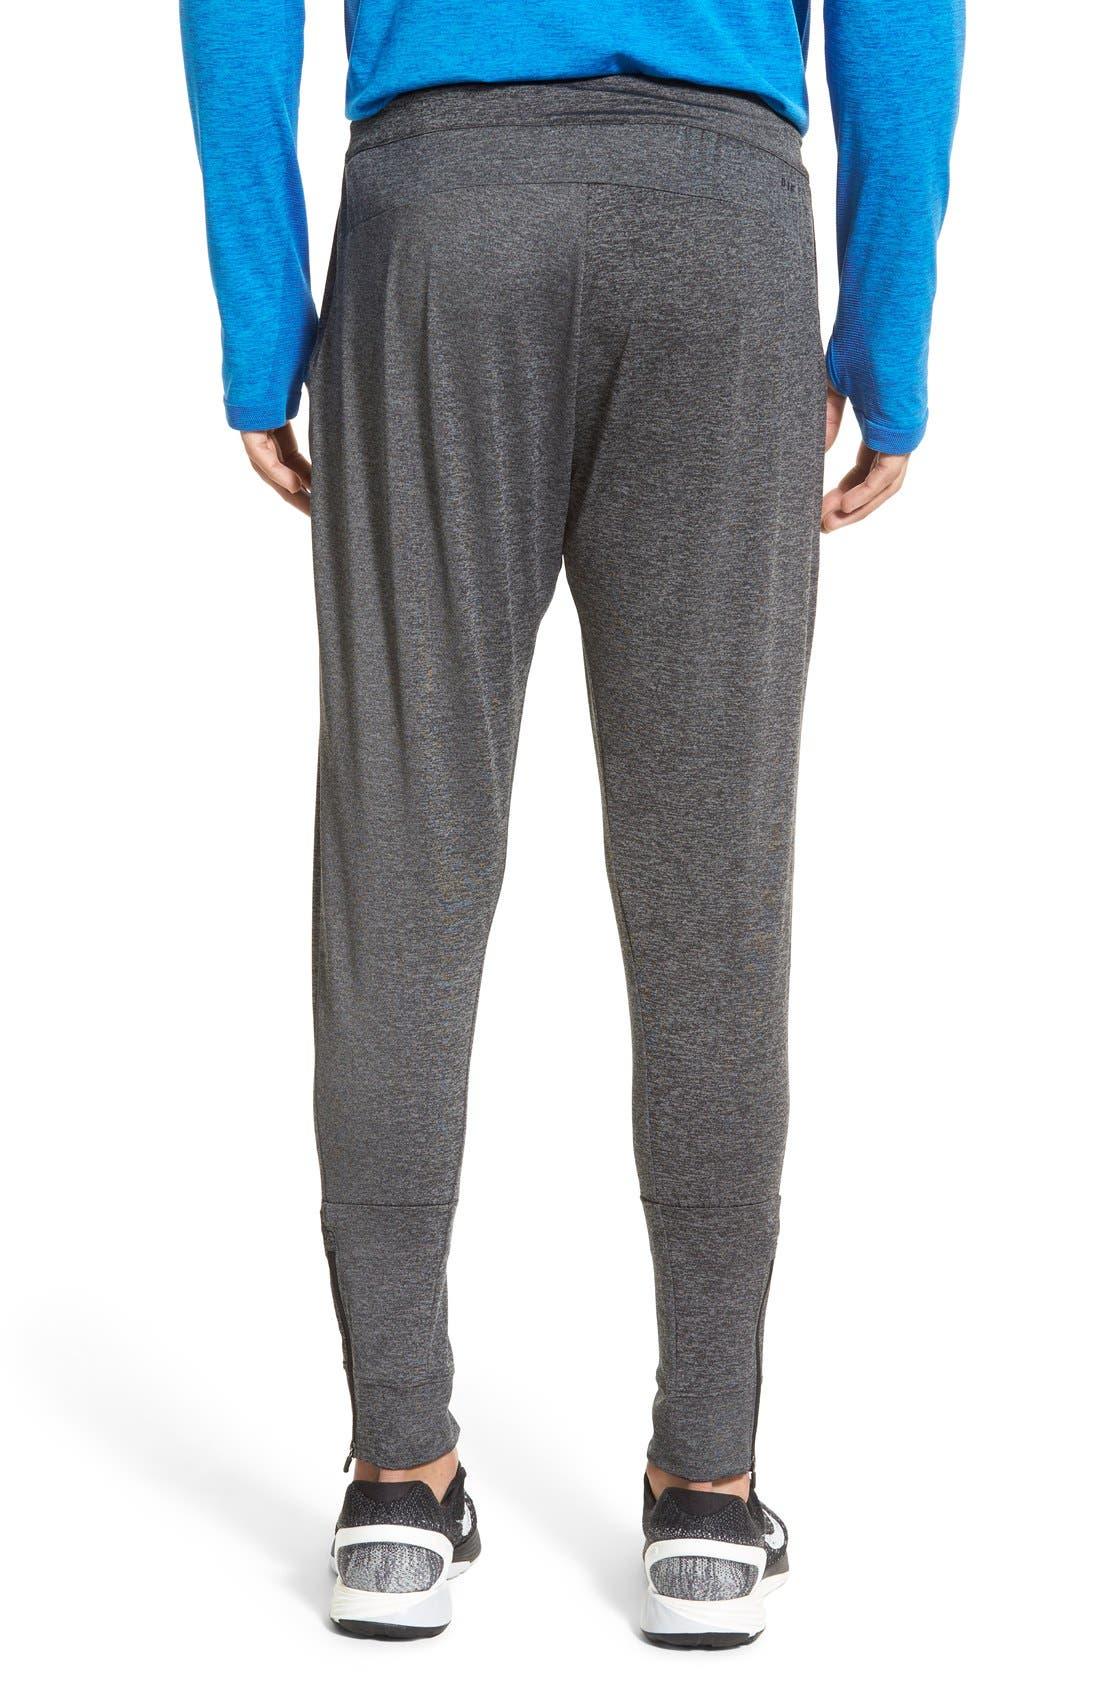 NIKE,                             'Ultimate Dry Knit' Dri-FIT Training Pants,                             Alternate thumbnail 4, color,                             010